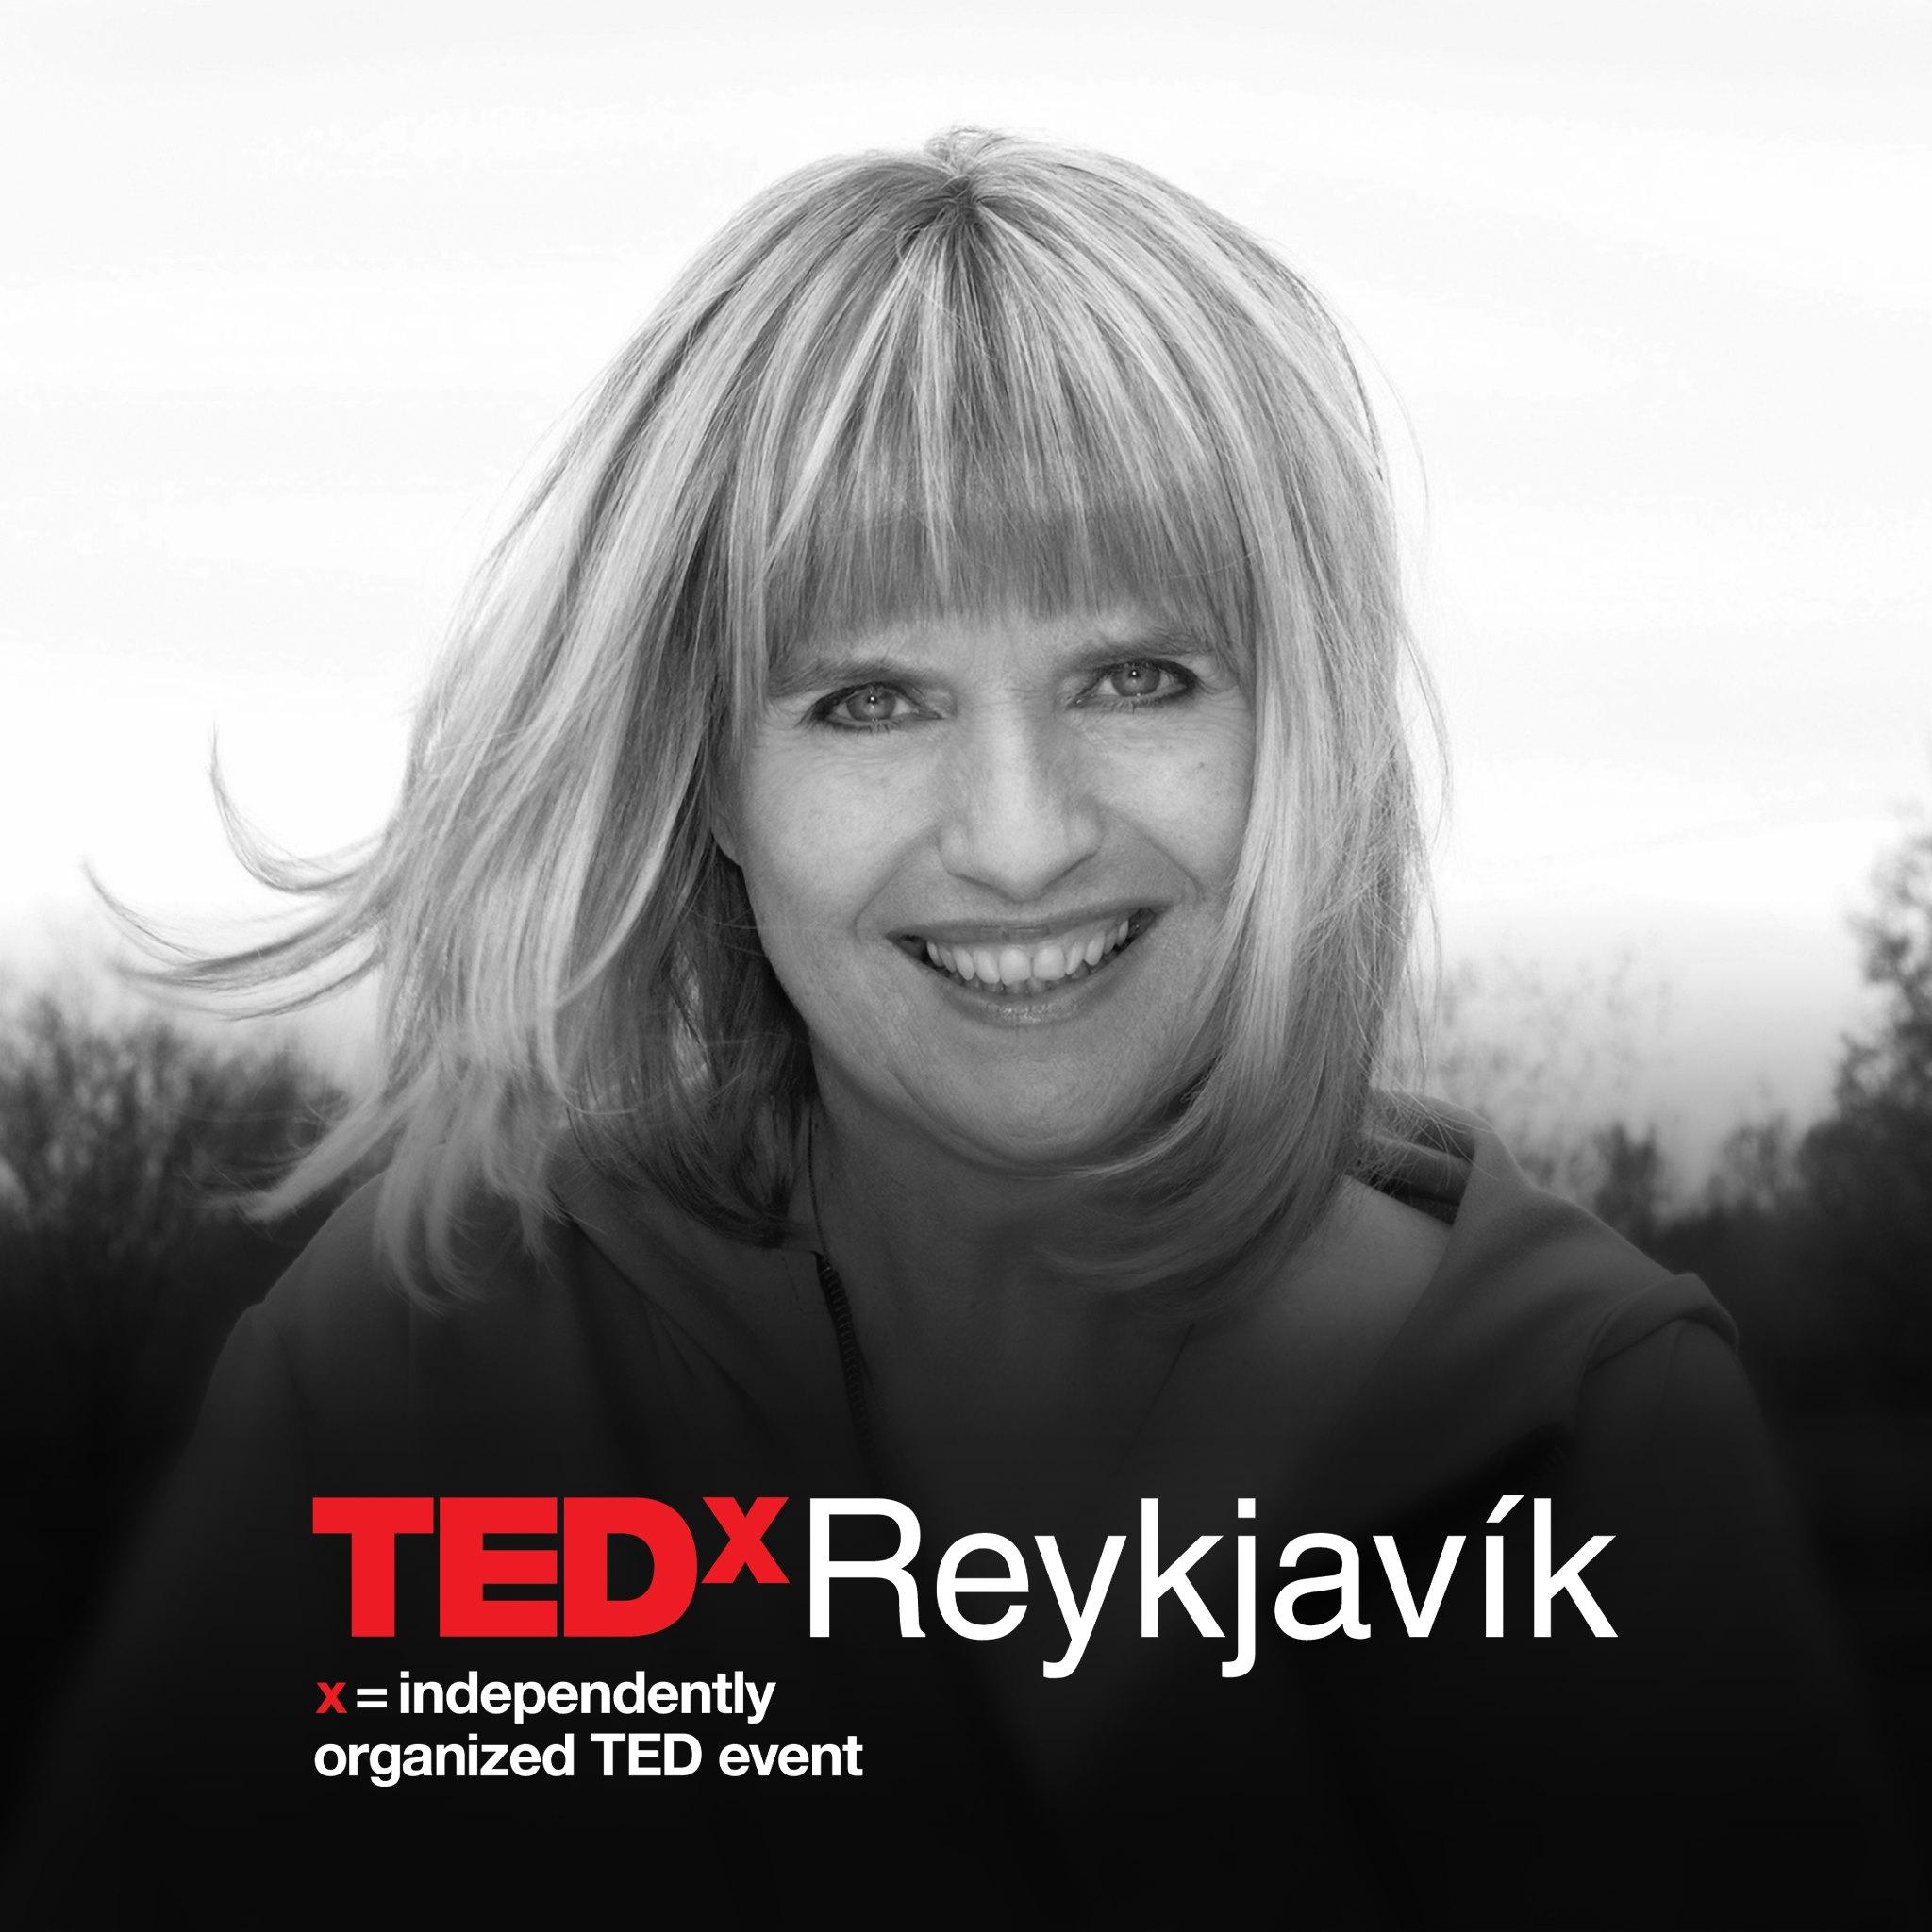 TEDx REYKJAVÍK